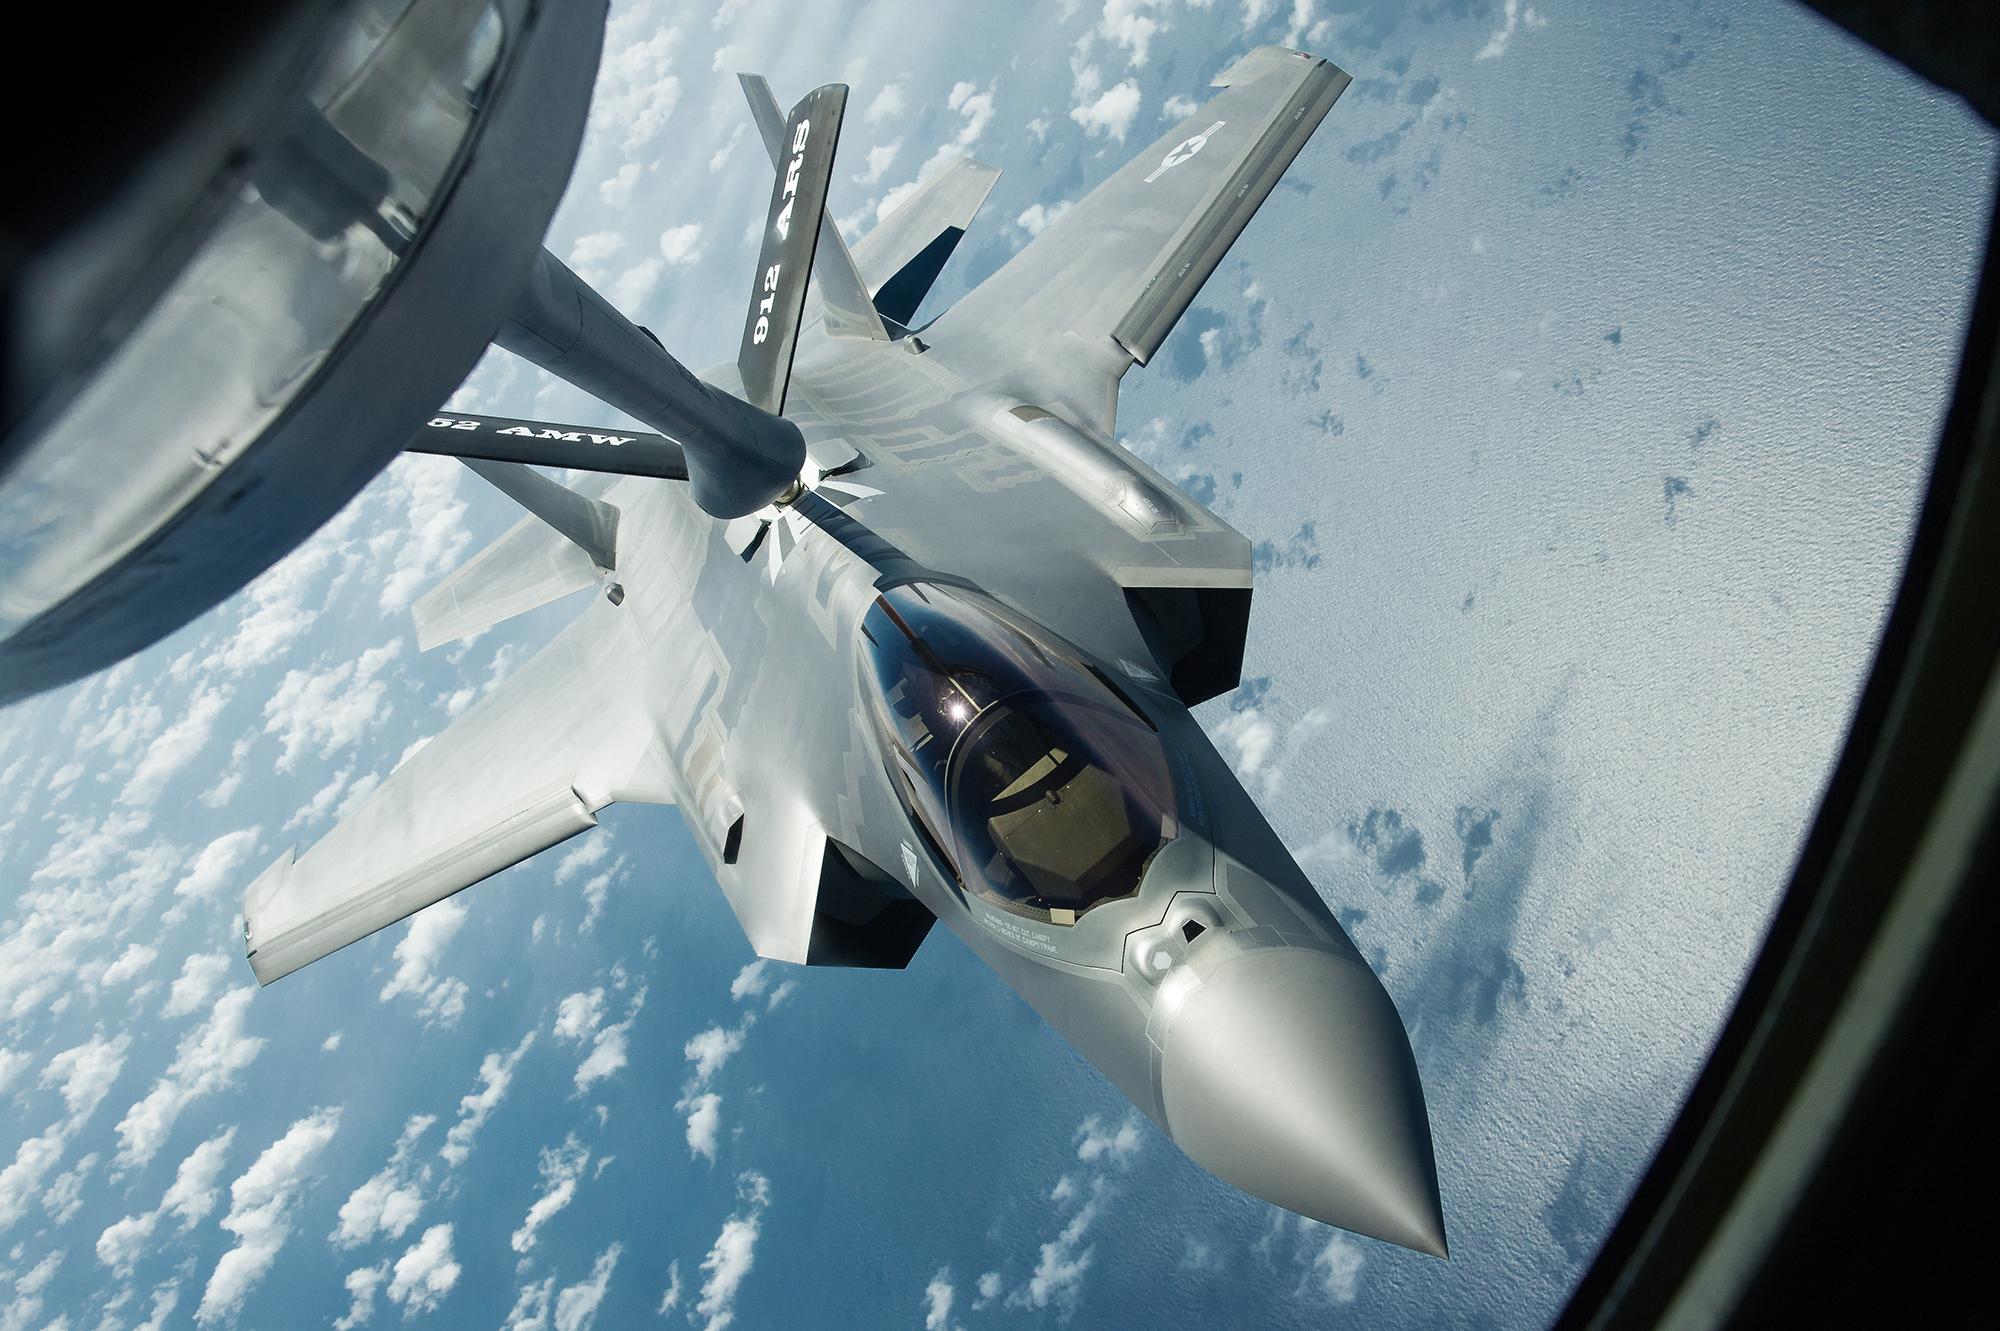 美空軍秘密建造並試飛神秘下一代戰機原型